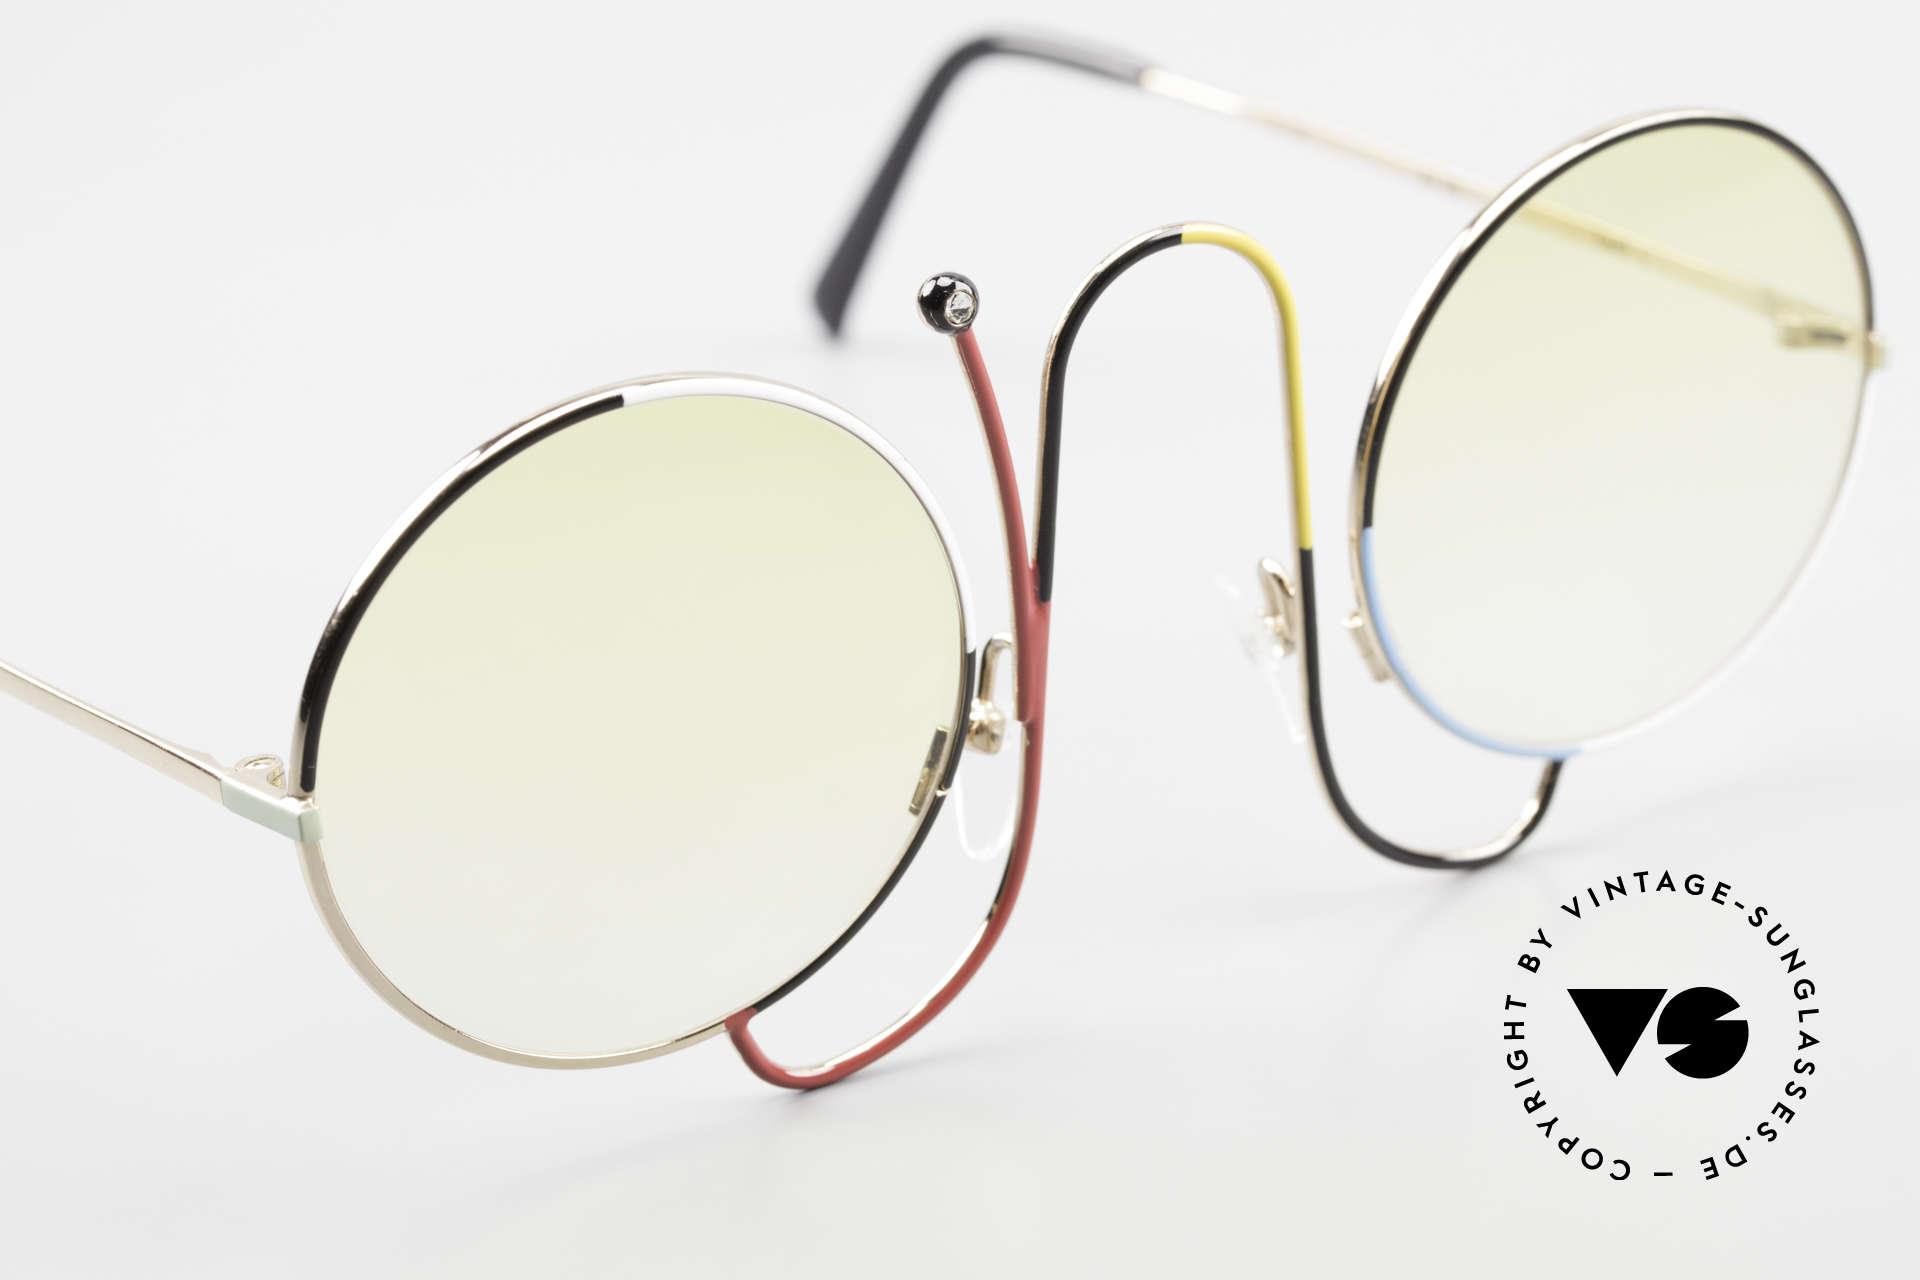 Casanova CMR 1 Rare Vintage Art Sunglasses, legendary Casanova sunglasses (with 'gem antenna'), Made for Women